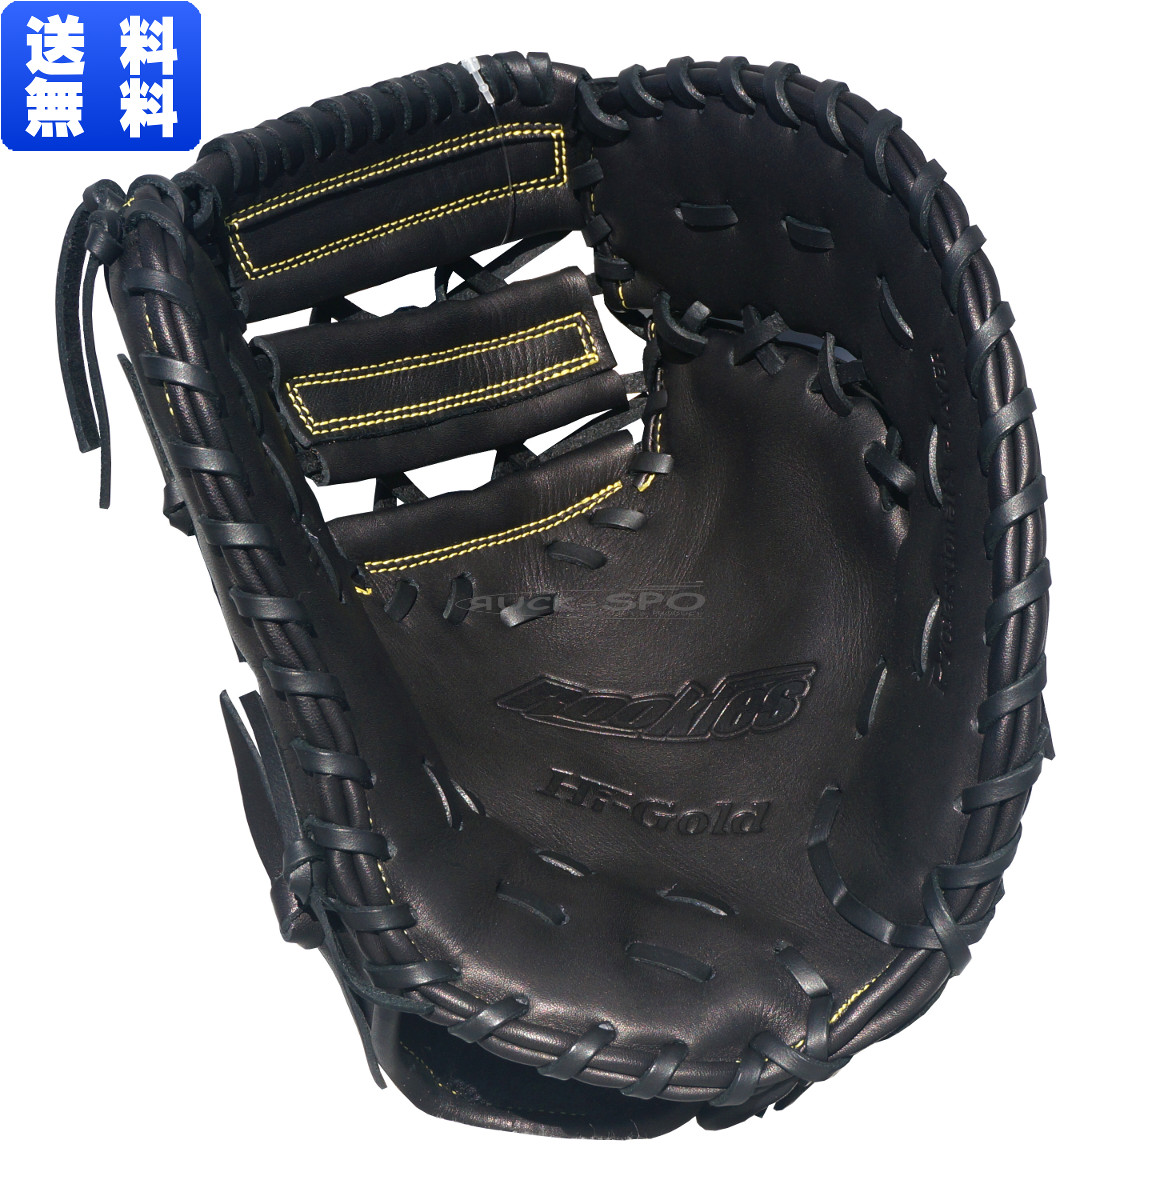 送料無料 2018年モデル ハイゴールド HI-GOLD 一塁手用 軟式 ミット グローブ ブラック 黒 少年 野球 RKG191F